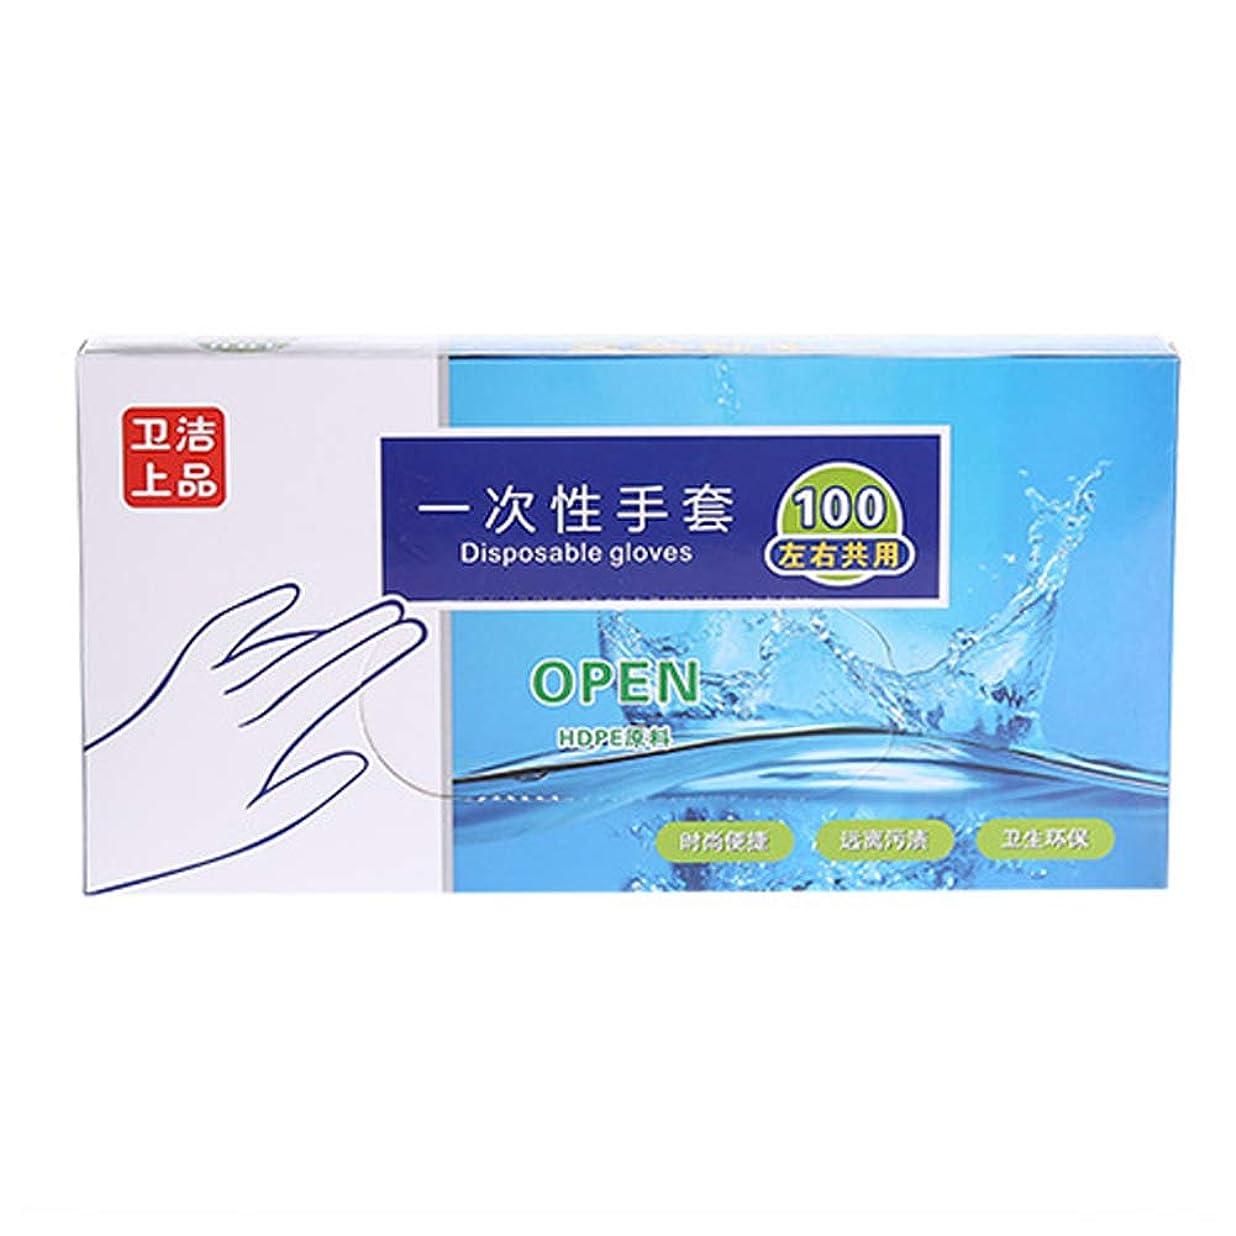 雑多な親指ブロック使い捨て手袋 100枚 2パック 入フリーサイズ グローブ ポリエチレン手袋 左右兼用 ポリエチレン PE 実用 衛生 調理 清掃 染髪